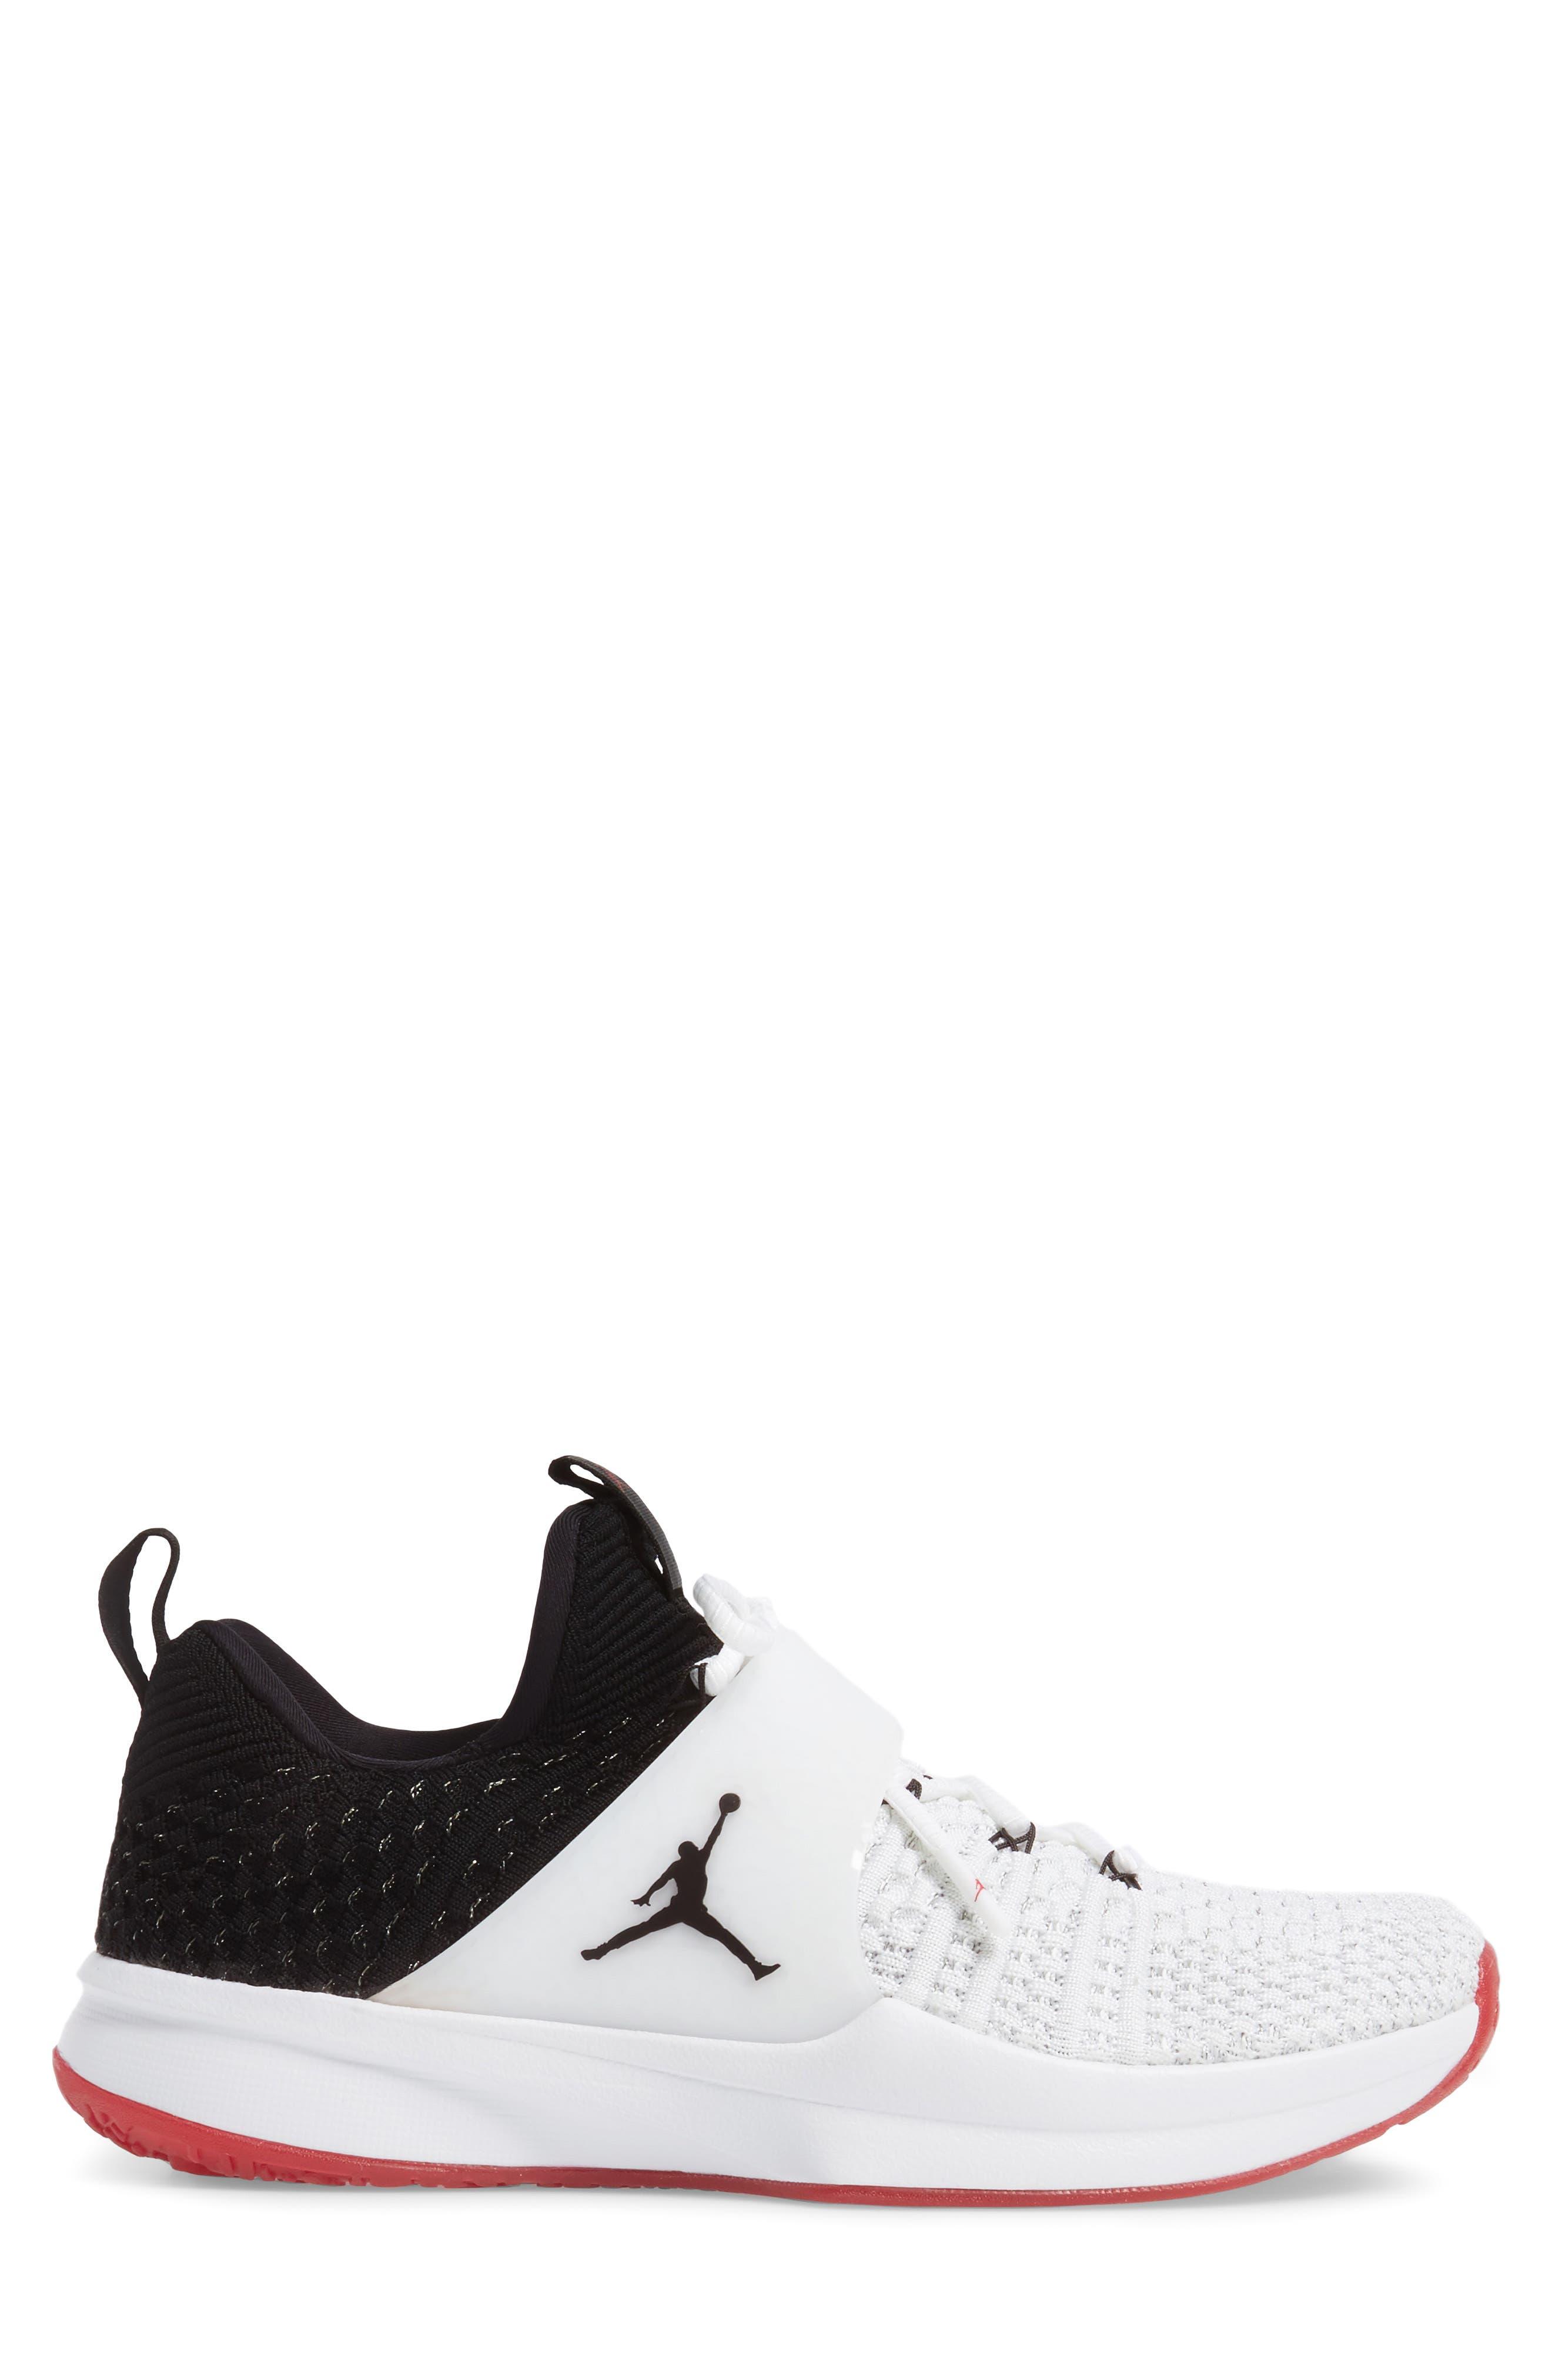 Jordan Flyknit Trainer 2 Low Sneaker,                             Alternate thumbnail 3, color,                             WHITE/ BLACK/ BLACK/ GYM RED